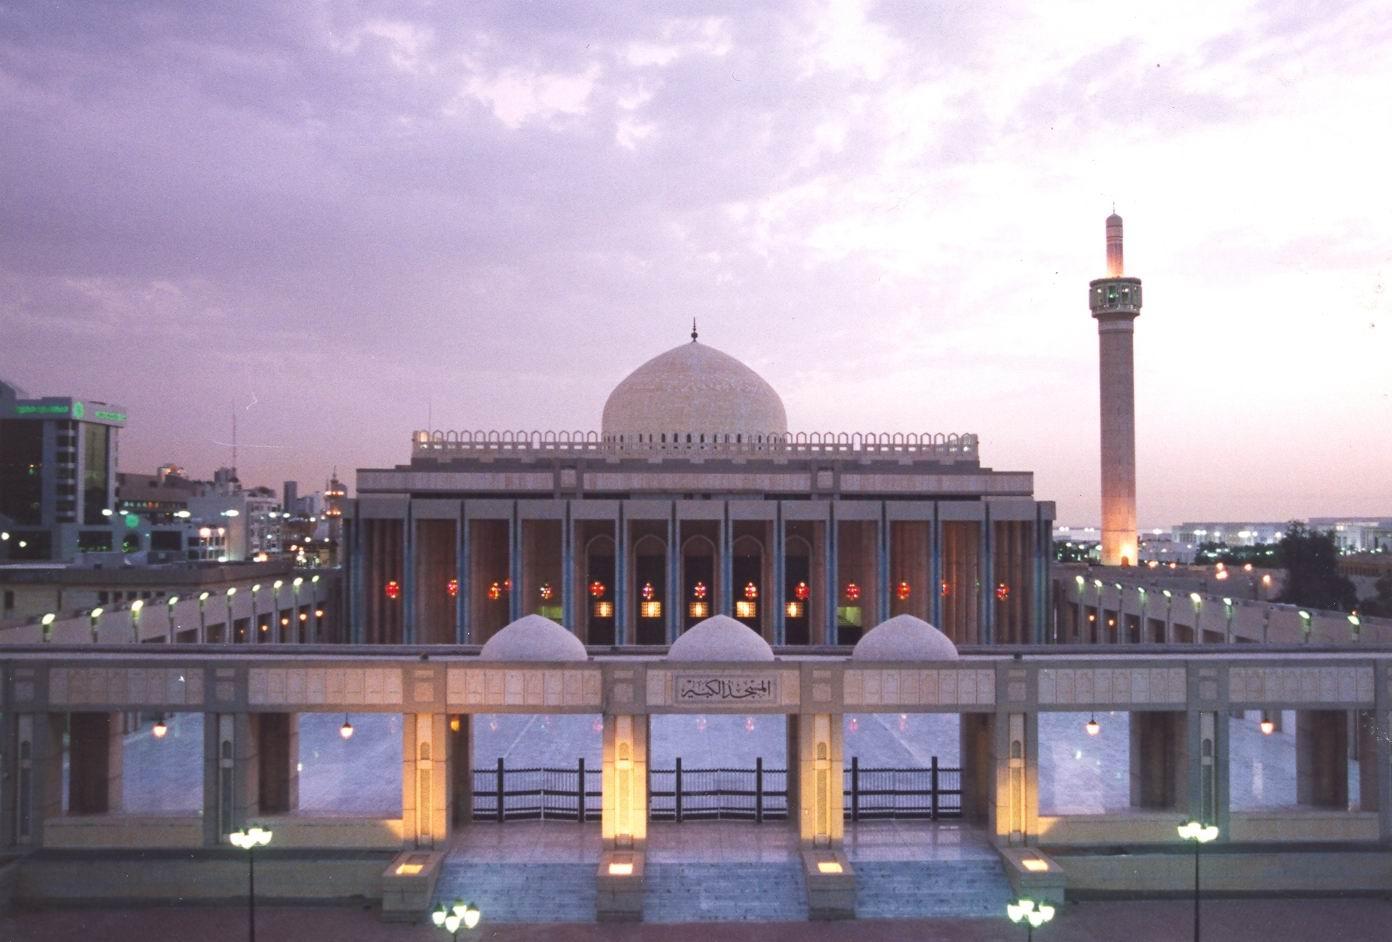 وزارة الأوقاف في الكويت تصدر تعميم بشأن صلاة الجمعة